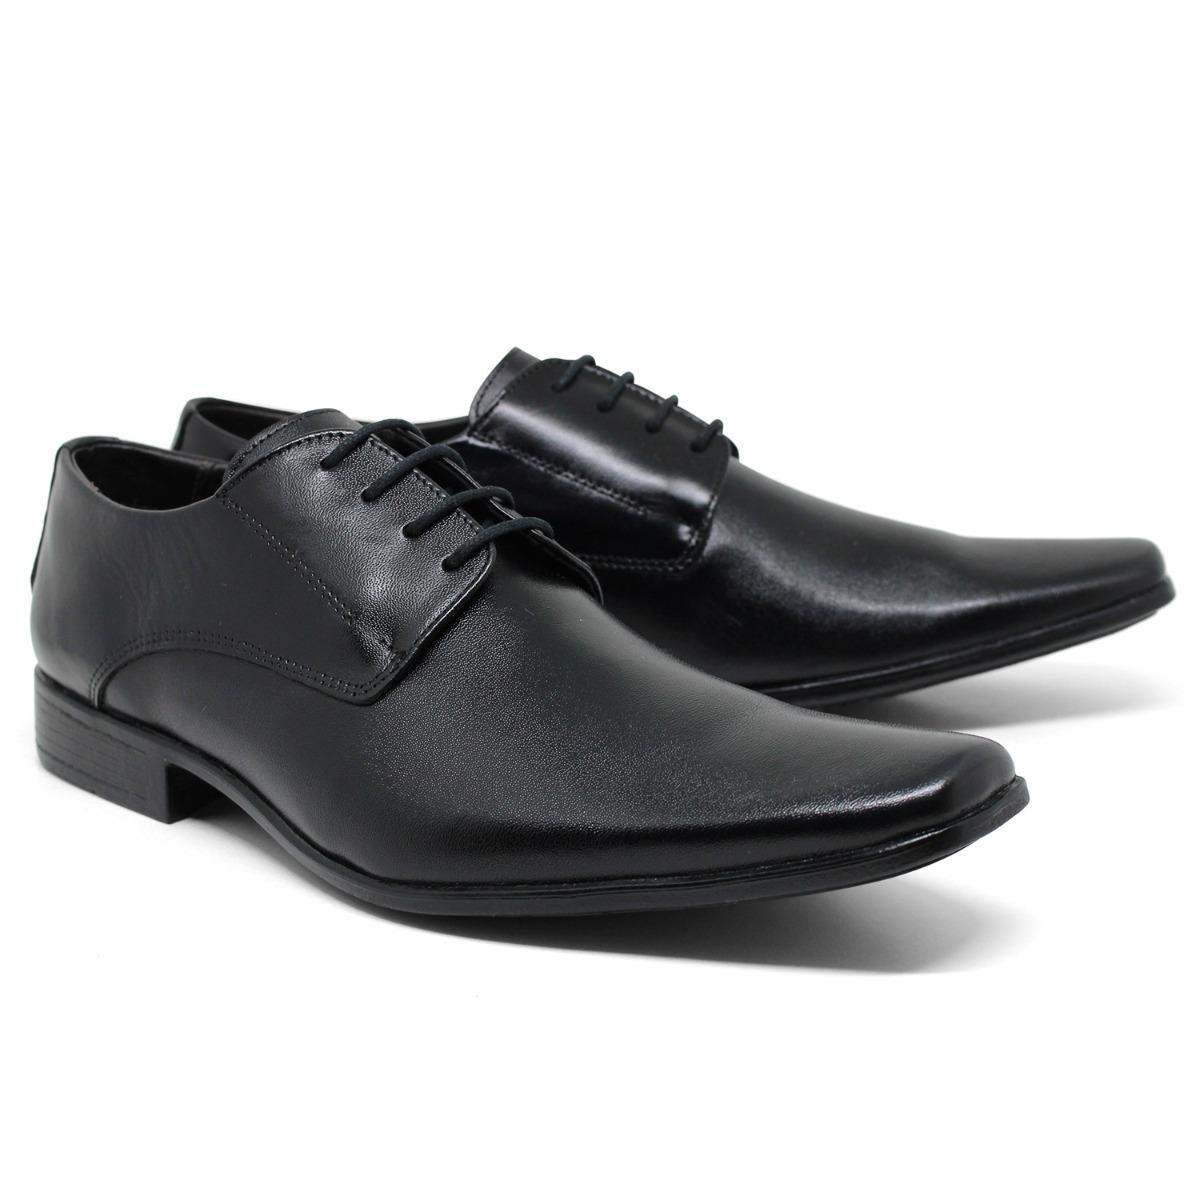 c55e7d48f sapato social masculino cor preto cadarço bico fino promoção. Carregando  zoom.